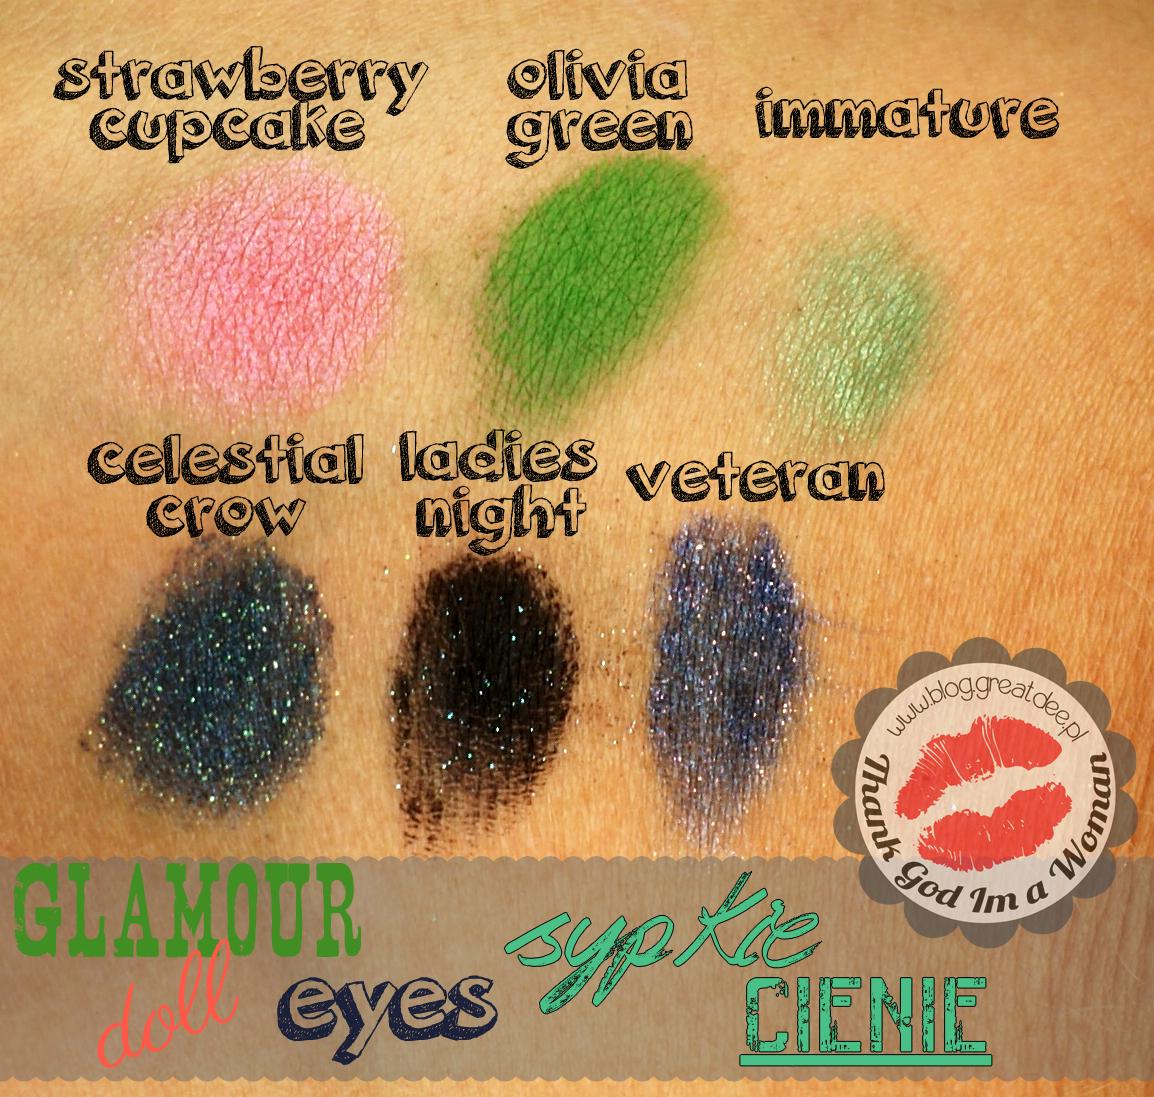 Glamour Doll Eyes - sypkie cienie mineralne - swatche, opis, recenzja